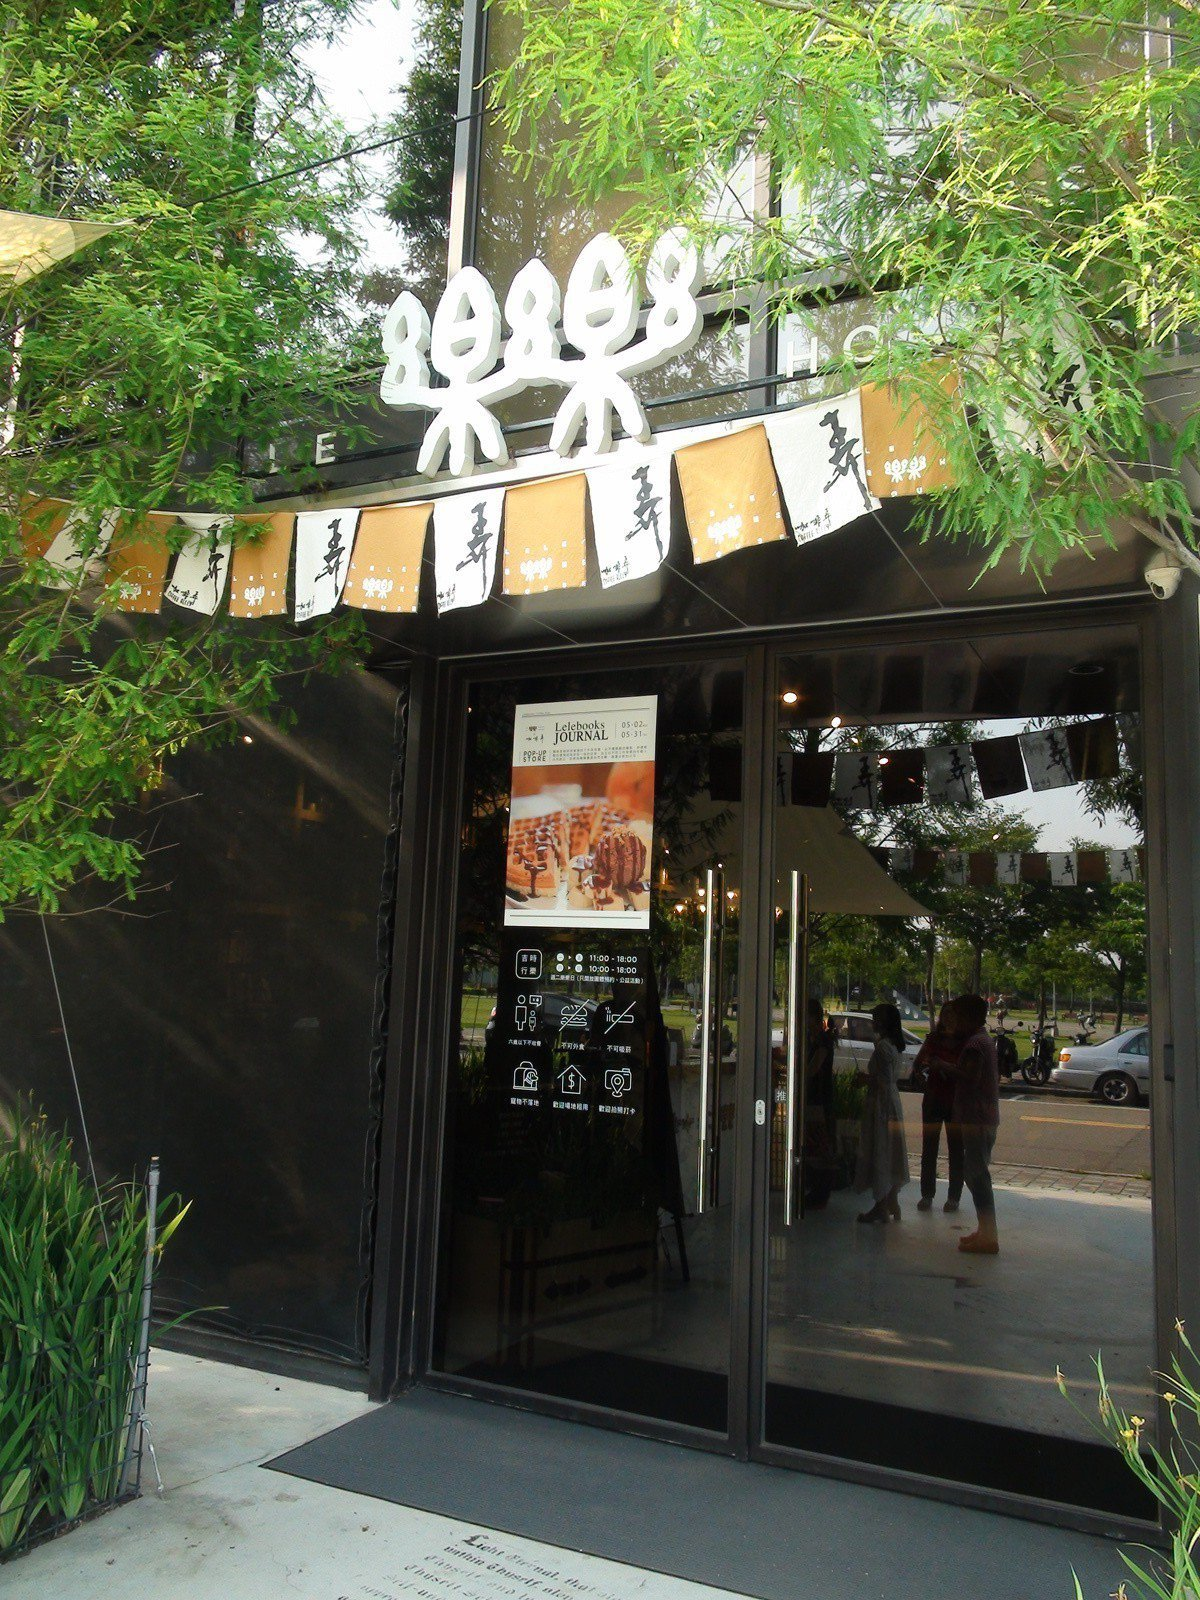 台中市公益書店「樂樂書屋」,強調只交換不販售書籍。記者余采瀅/攝影